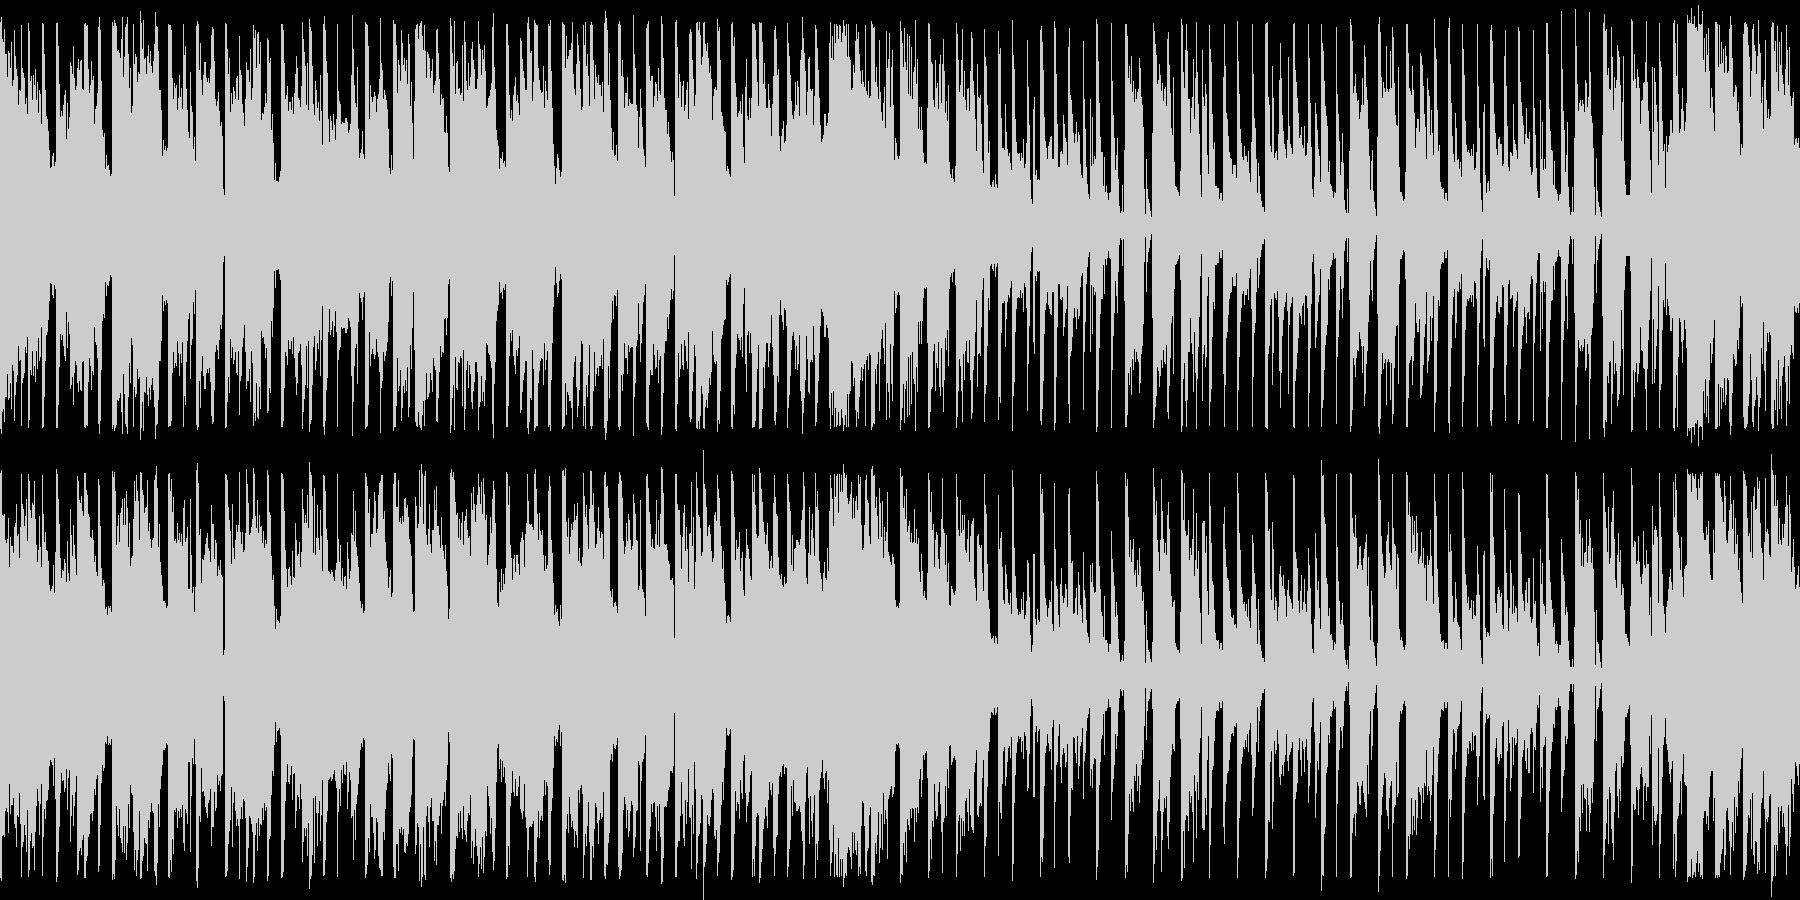 ダンスエクササイズBPM140:ショートの未再生の波形